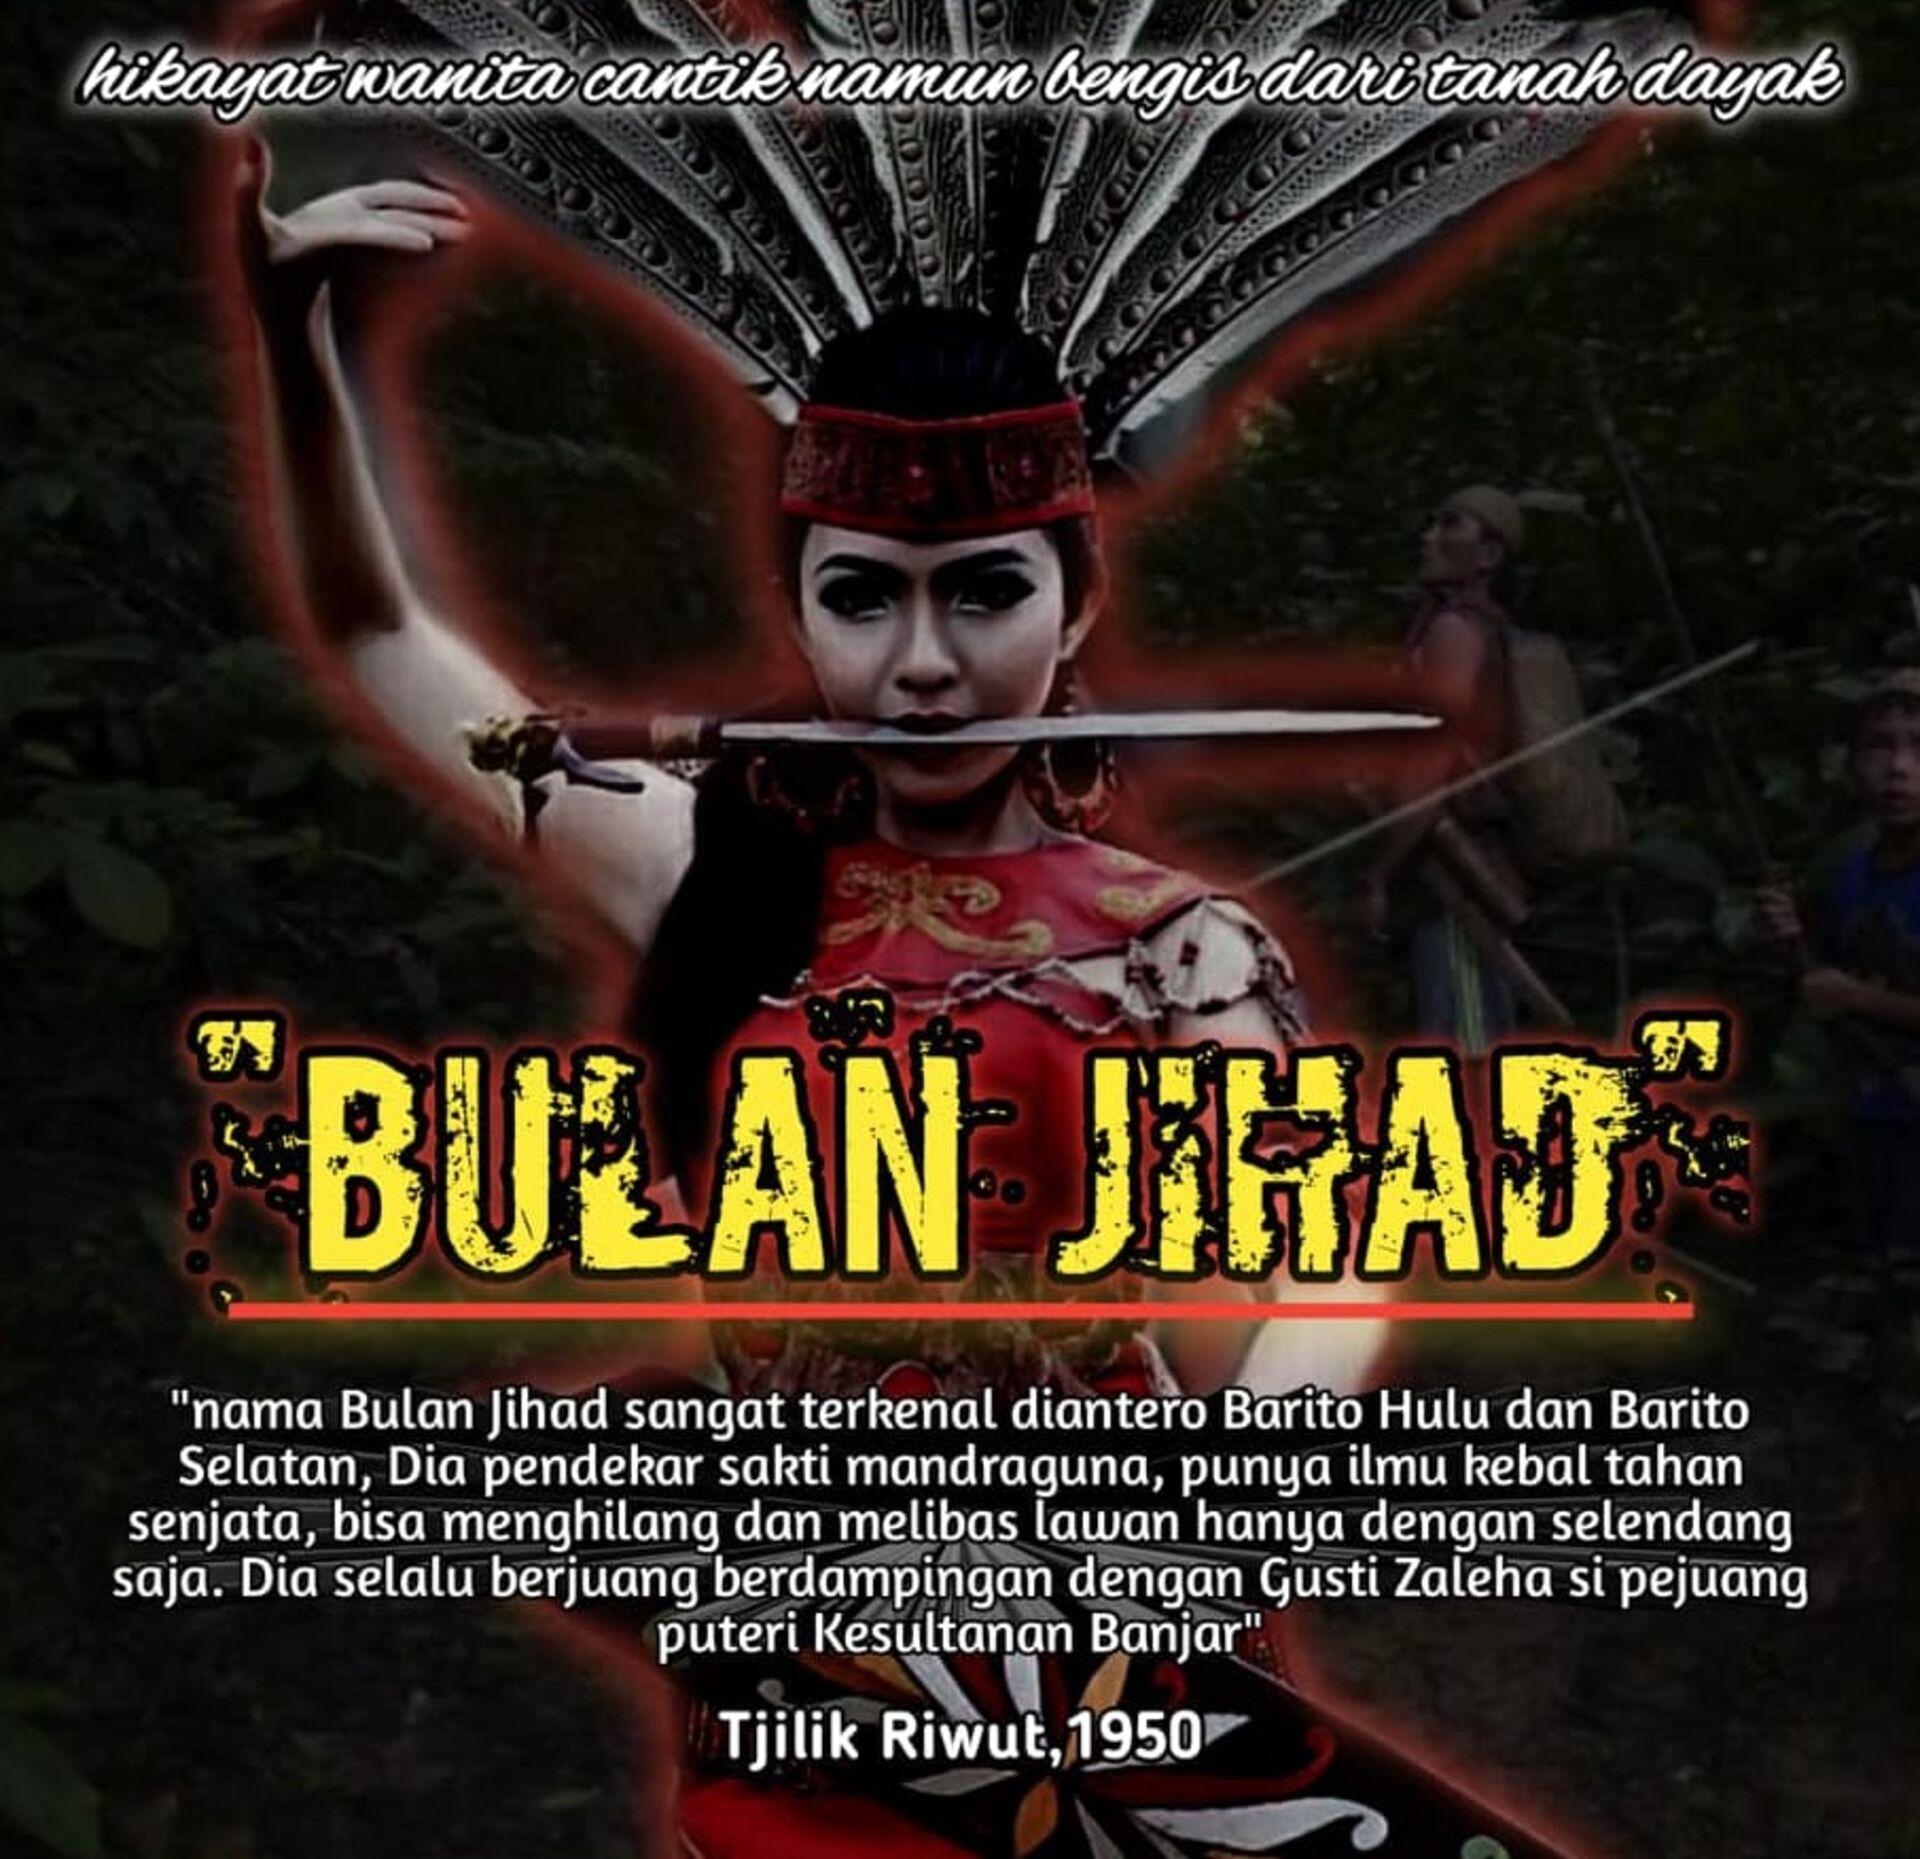 Dok. Ilustrasi Bulan Jihad, situs Kesultanan Banjar